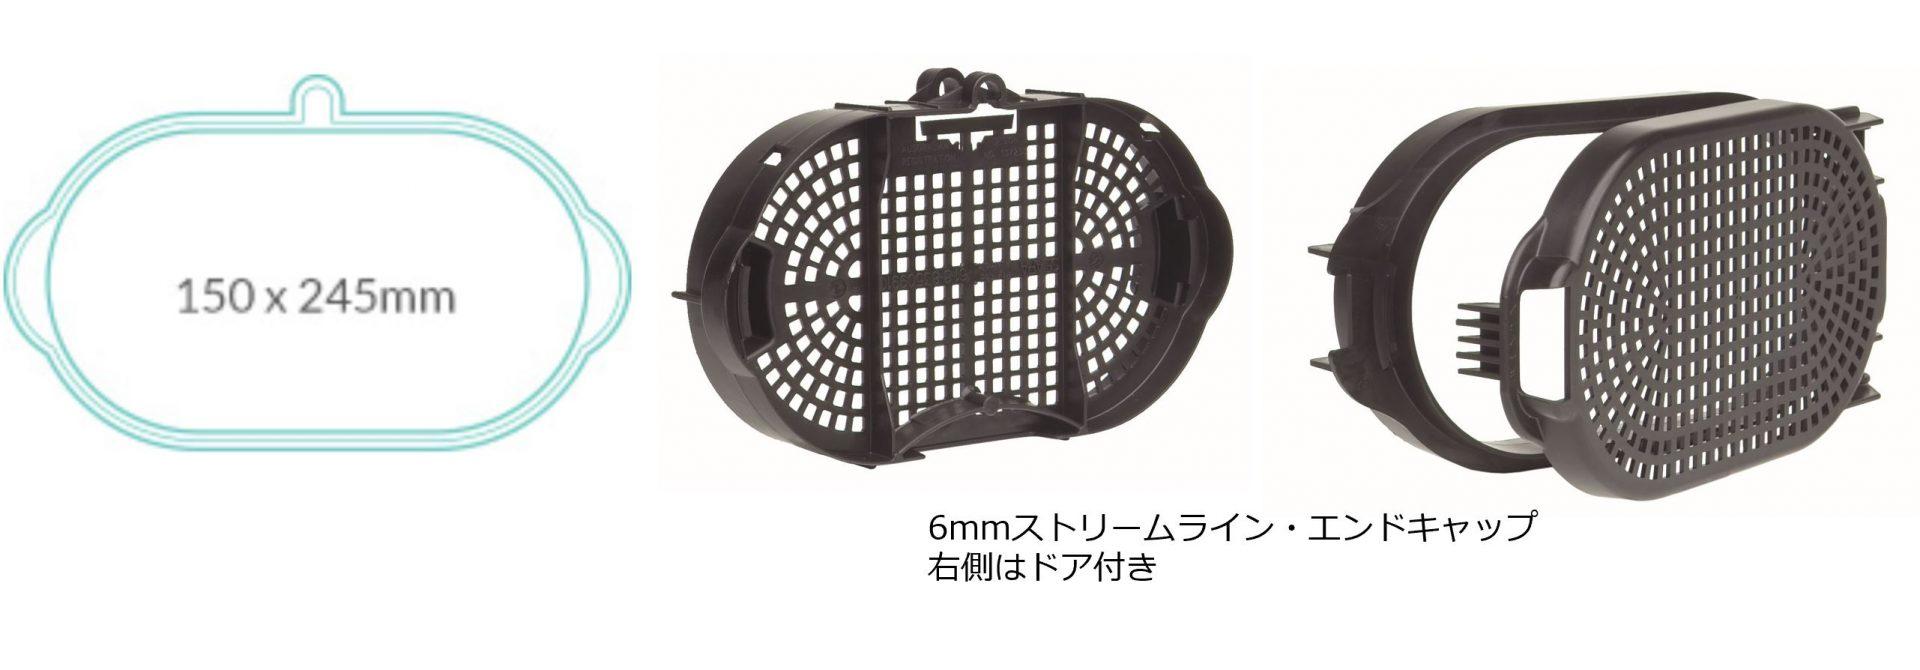 SEAPA バスケット